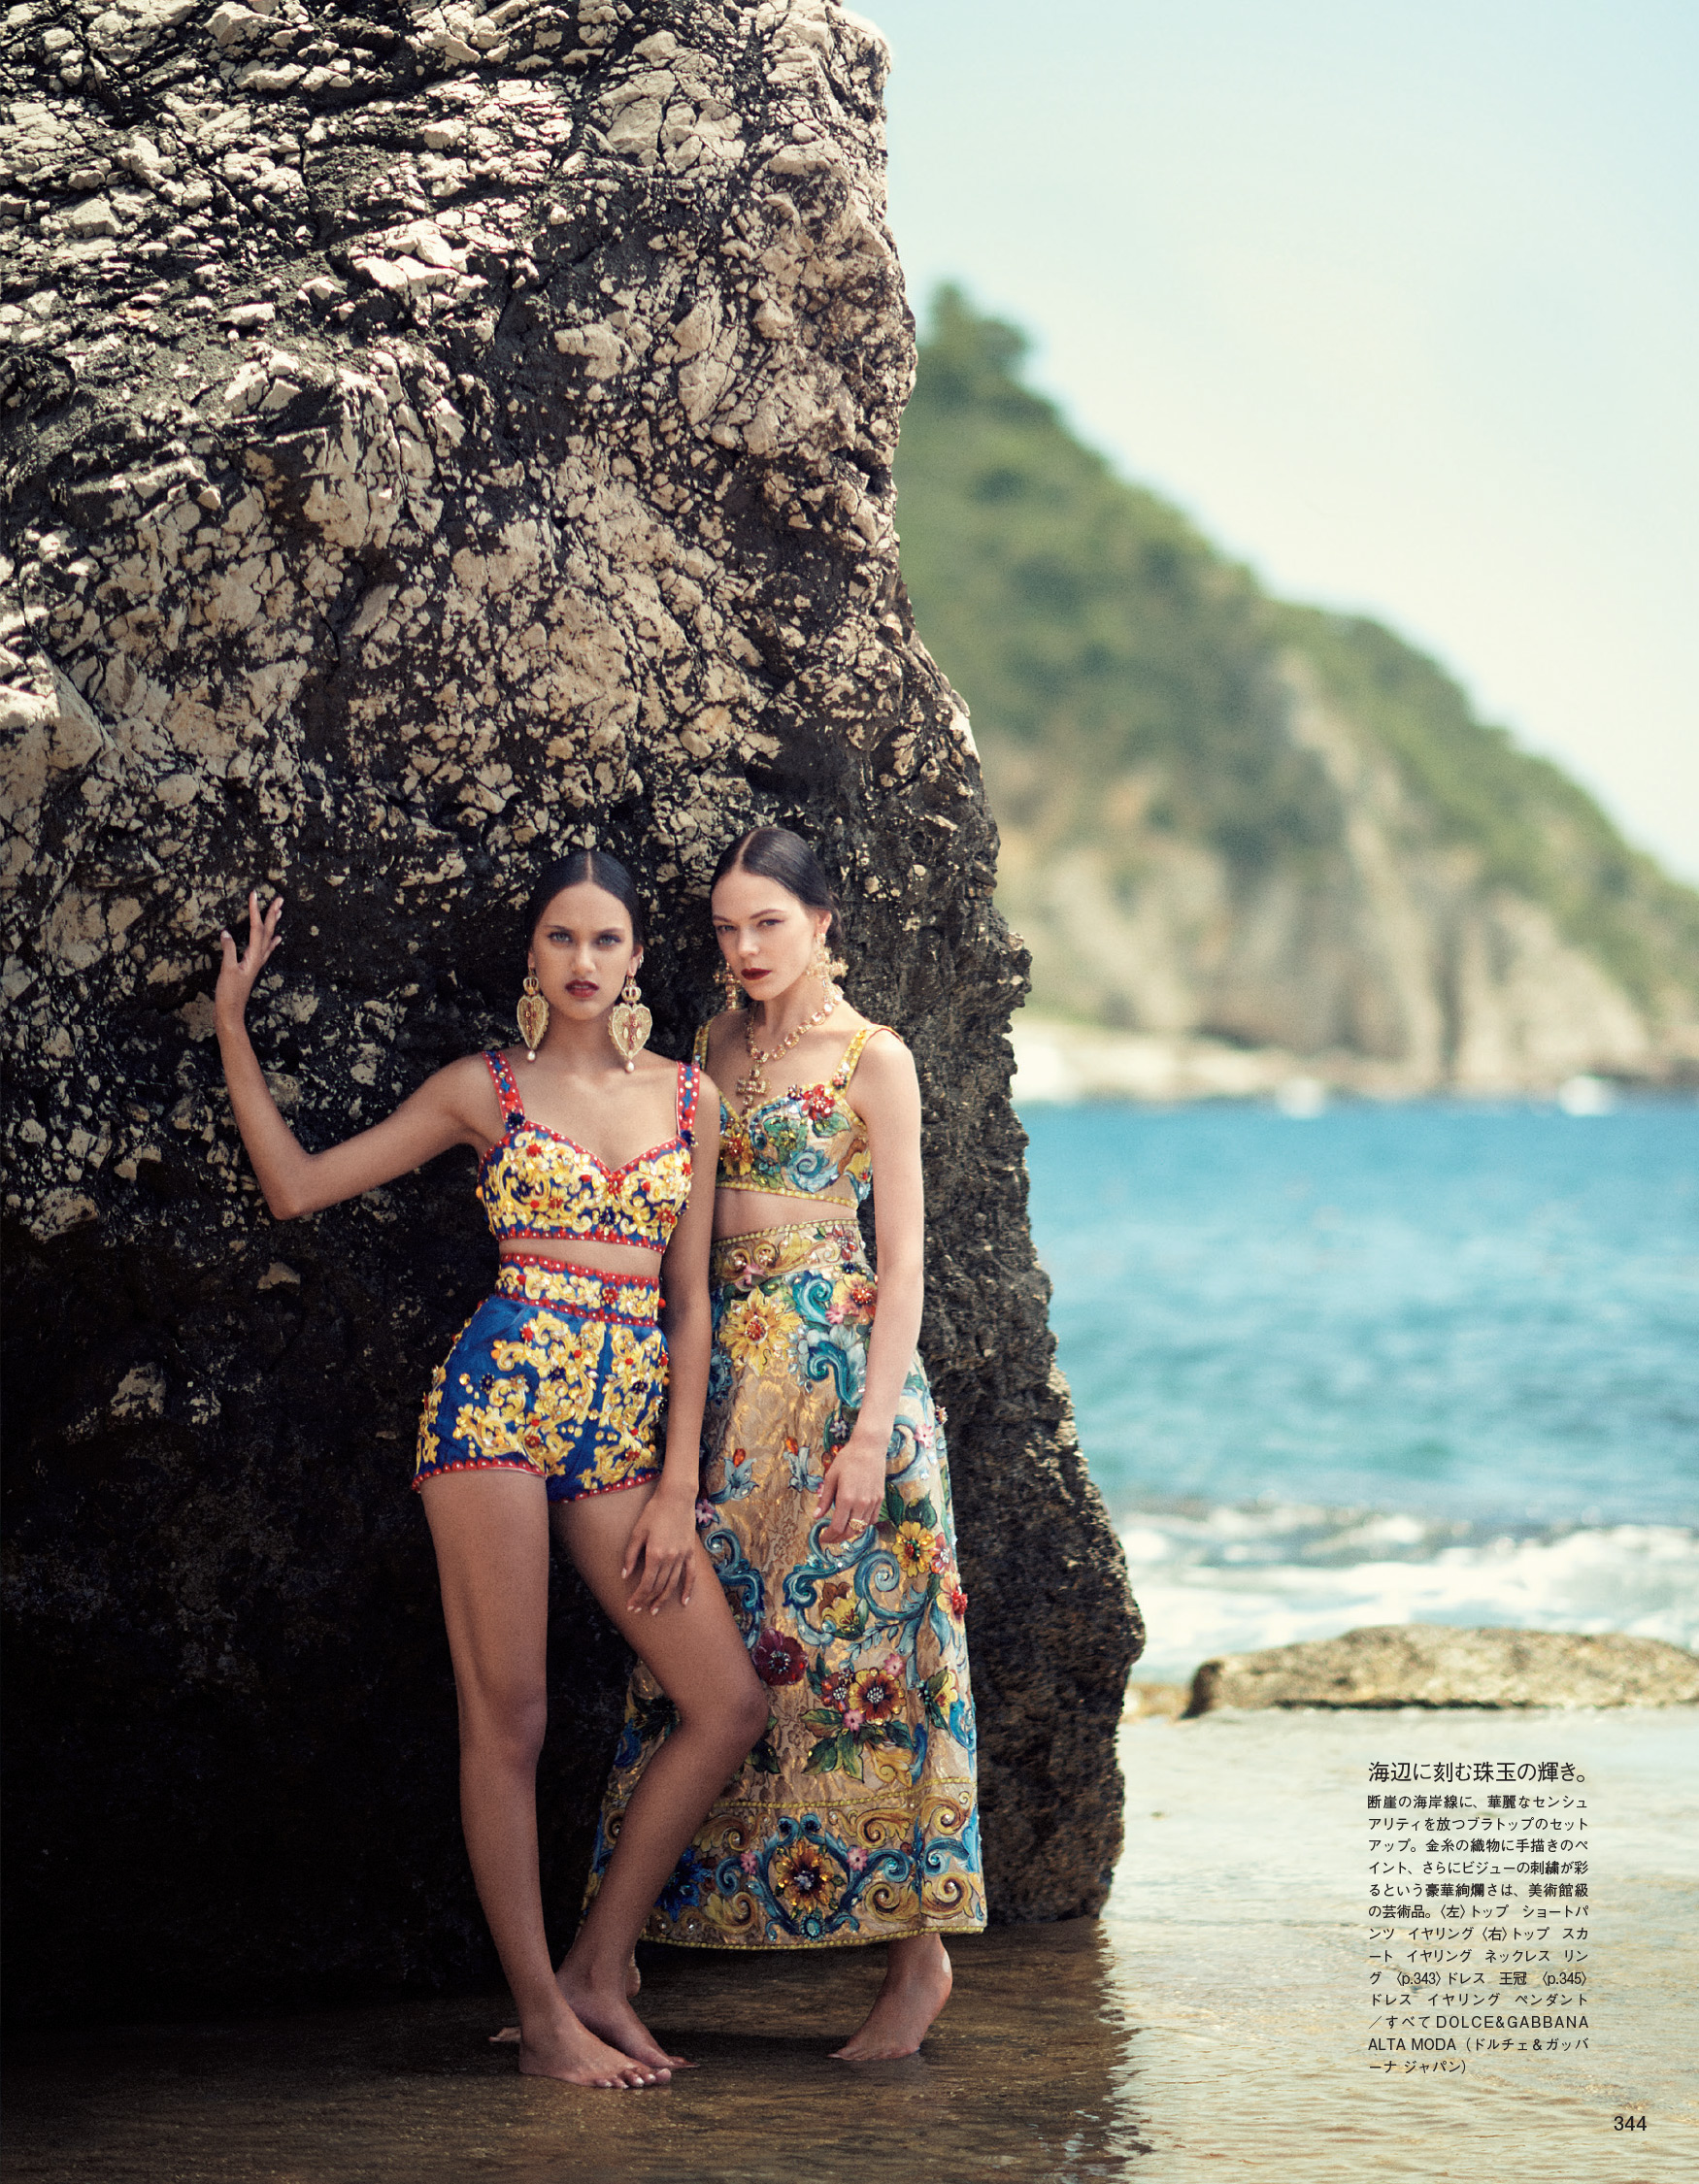 Giovanna-Battaglia-La-Canzone-Del-Mare-Vogue-Japan-02.jpg